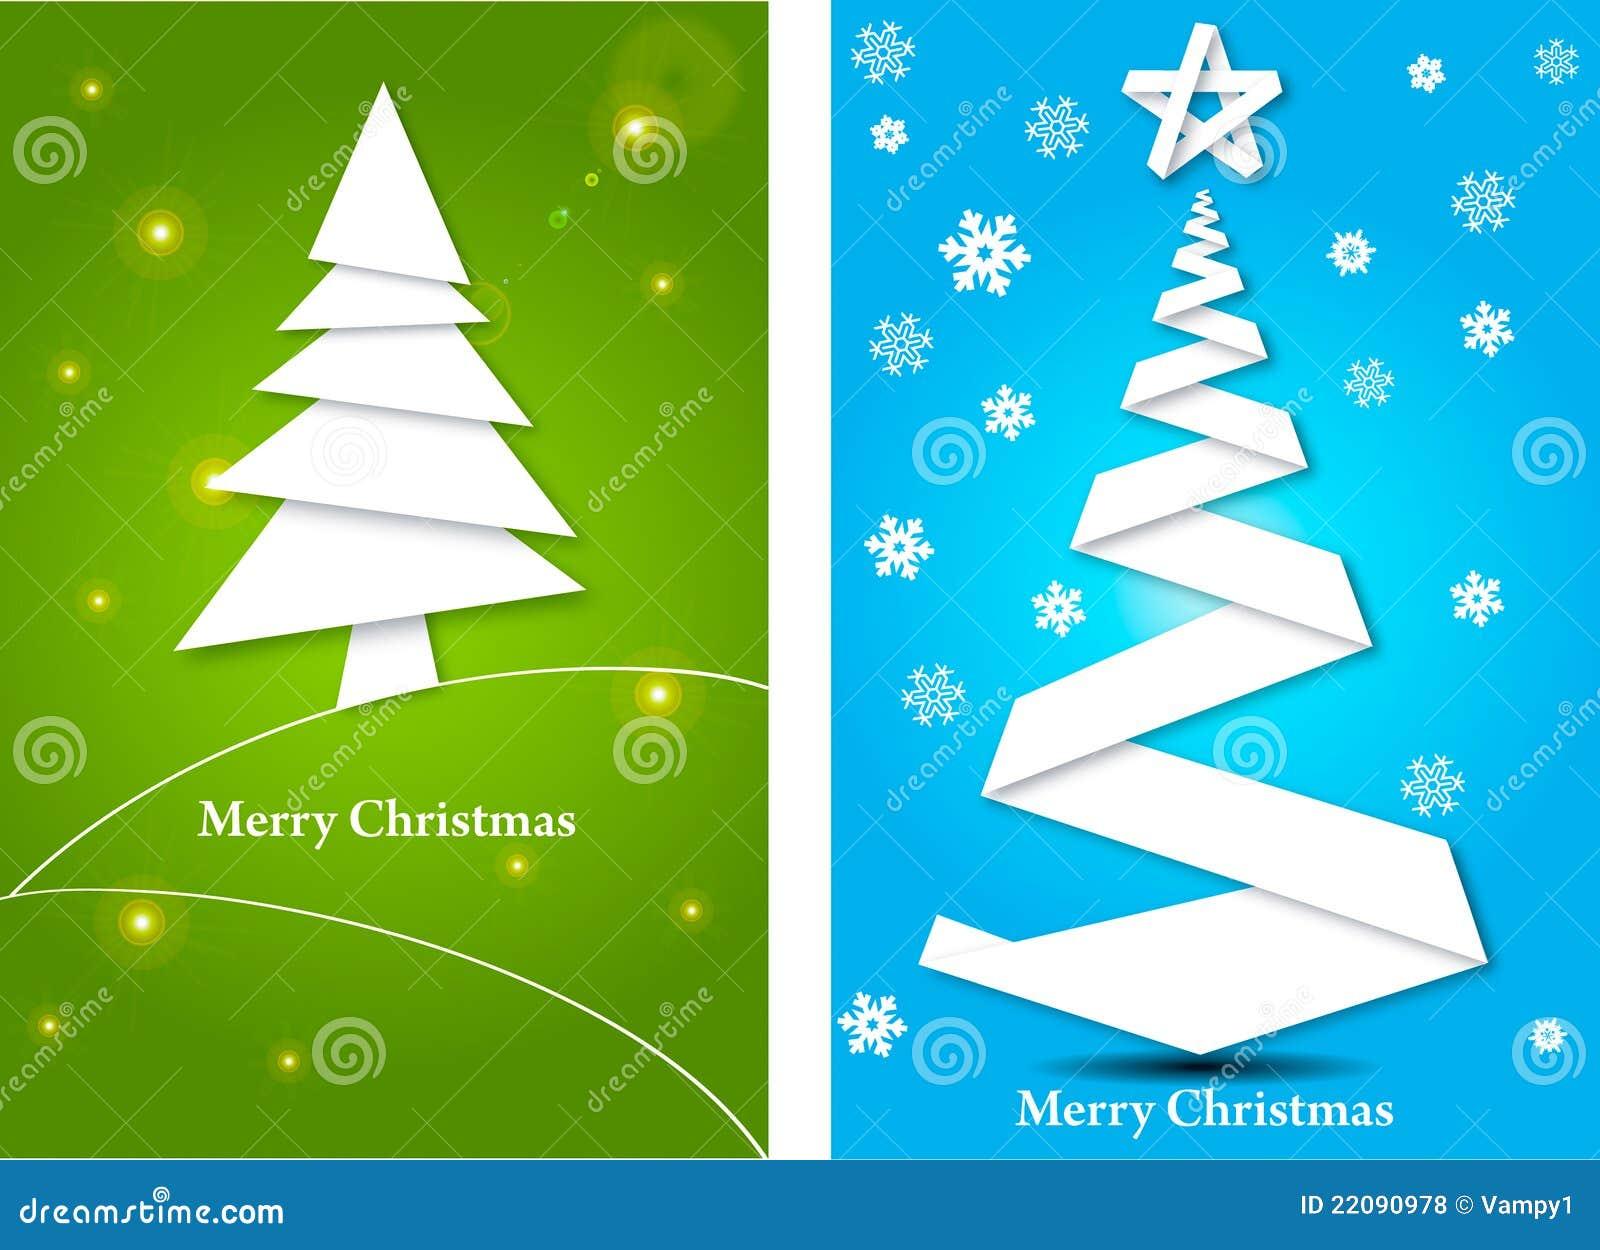 Tarjetas de felicitaci n con el rbol de navidad stock de - Tarjetas felicitacion navidad ...